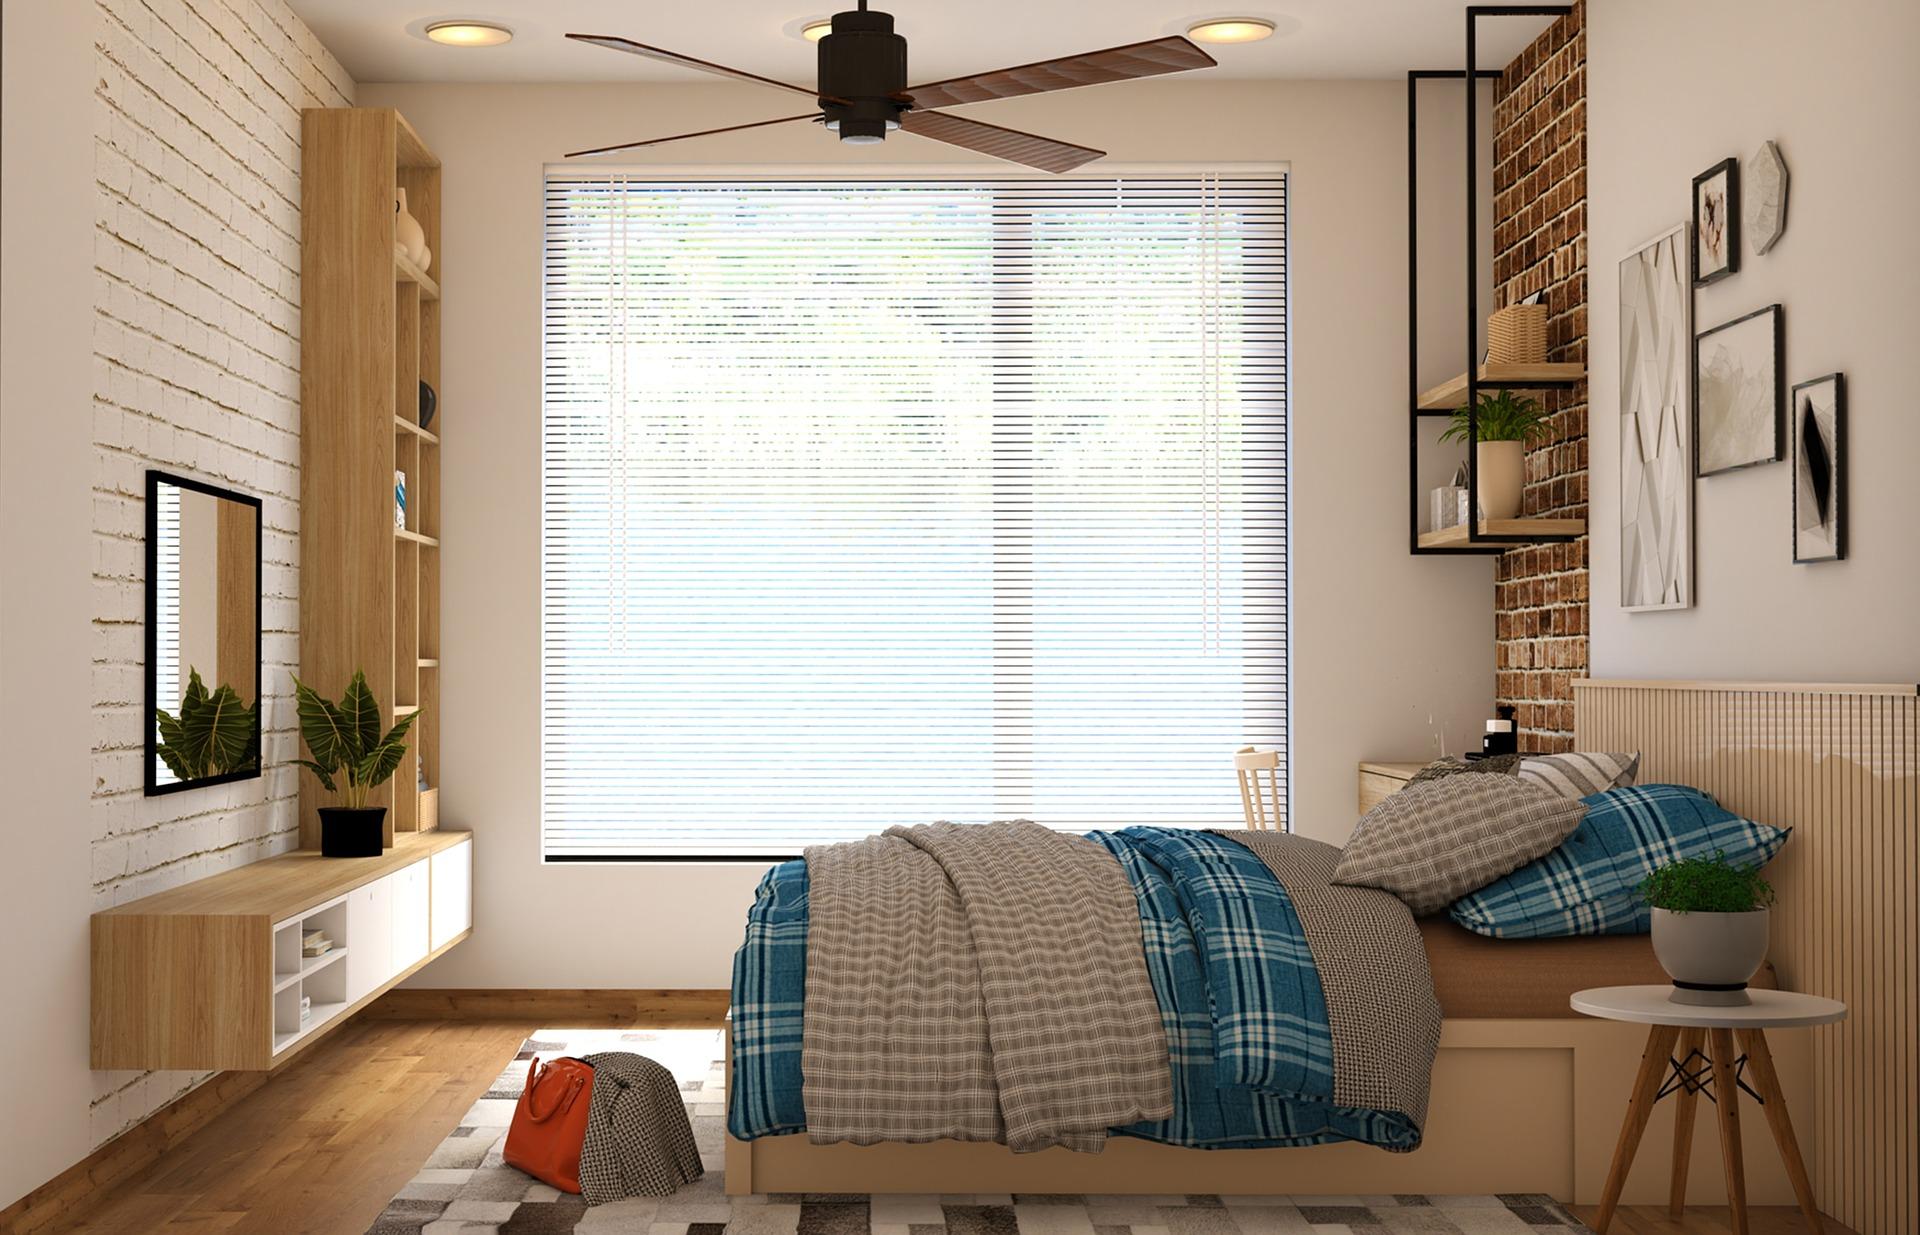 מאוורר תקרה לחדר שינה